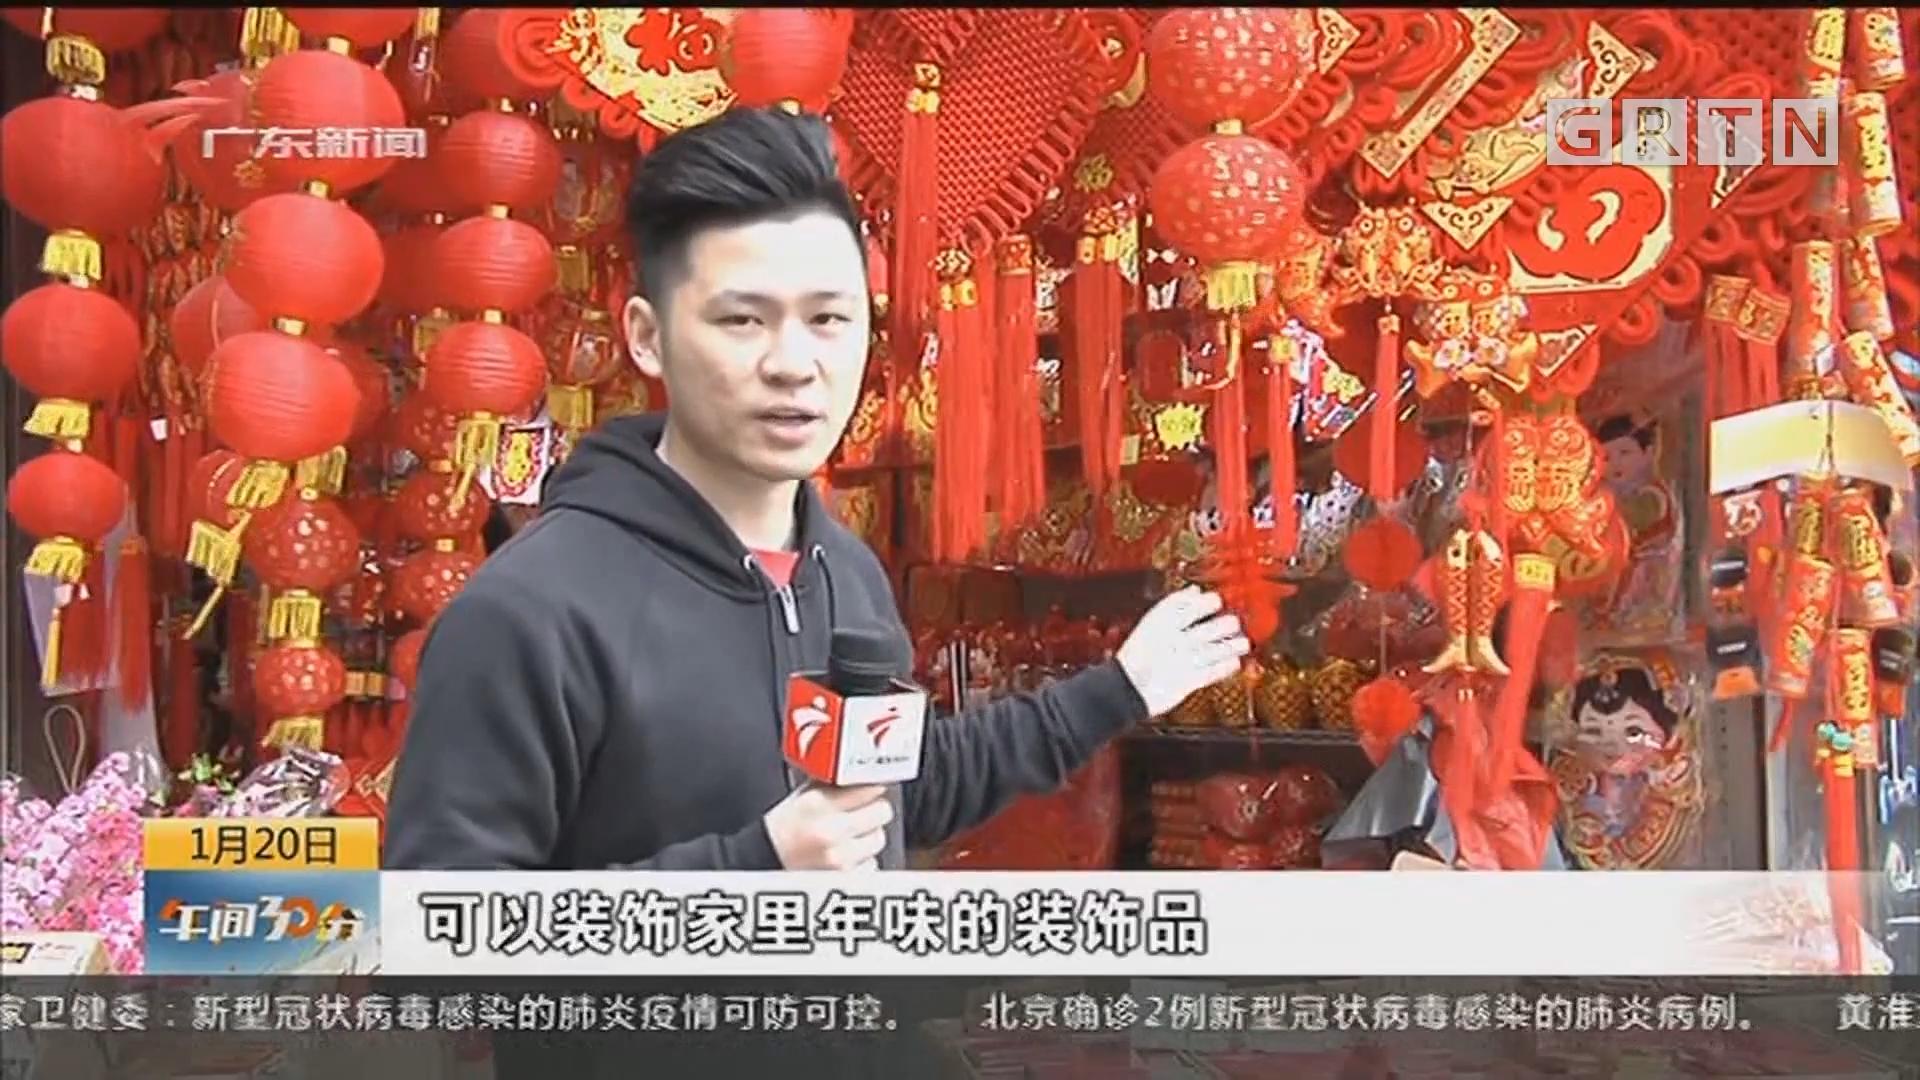 广州:一德路置办年货人头涌涌 一家大小齐上阵